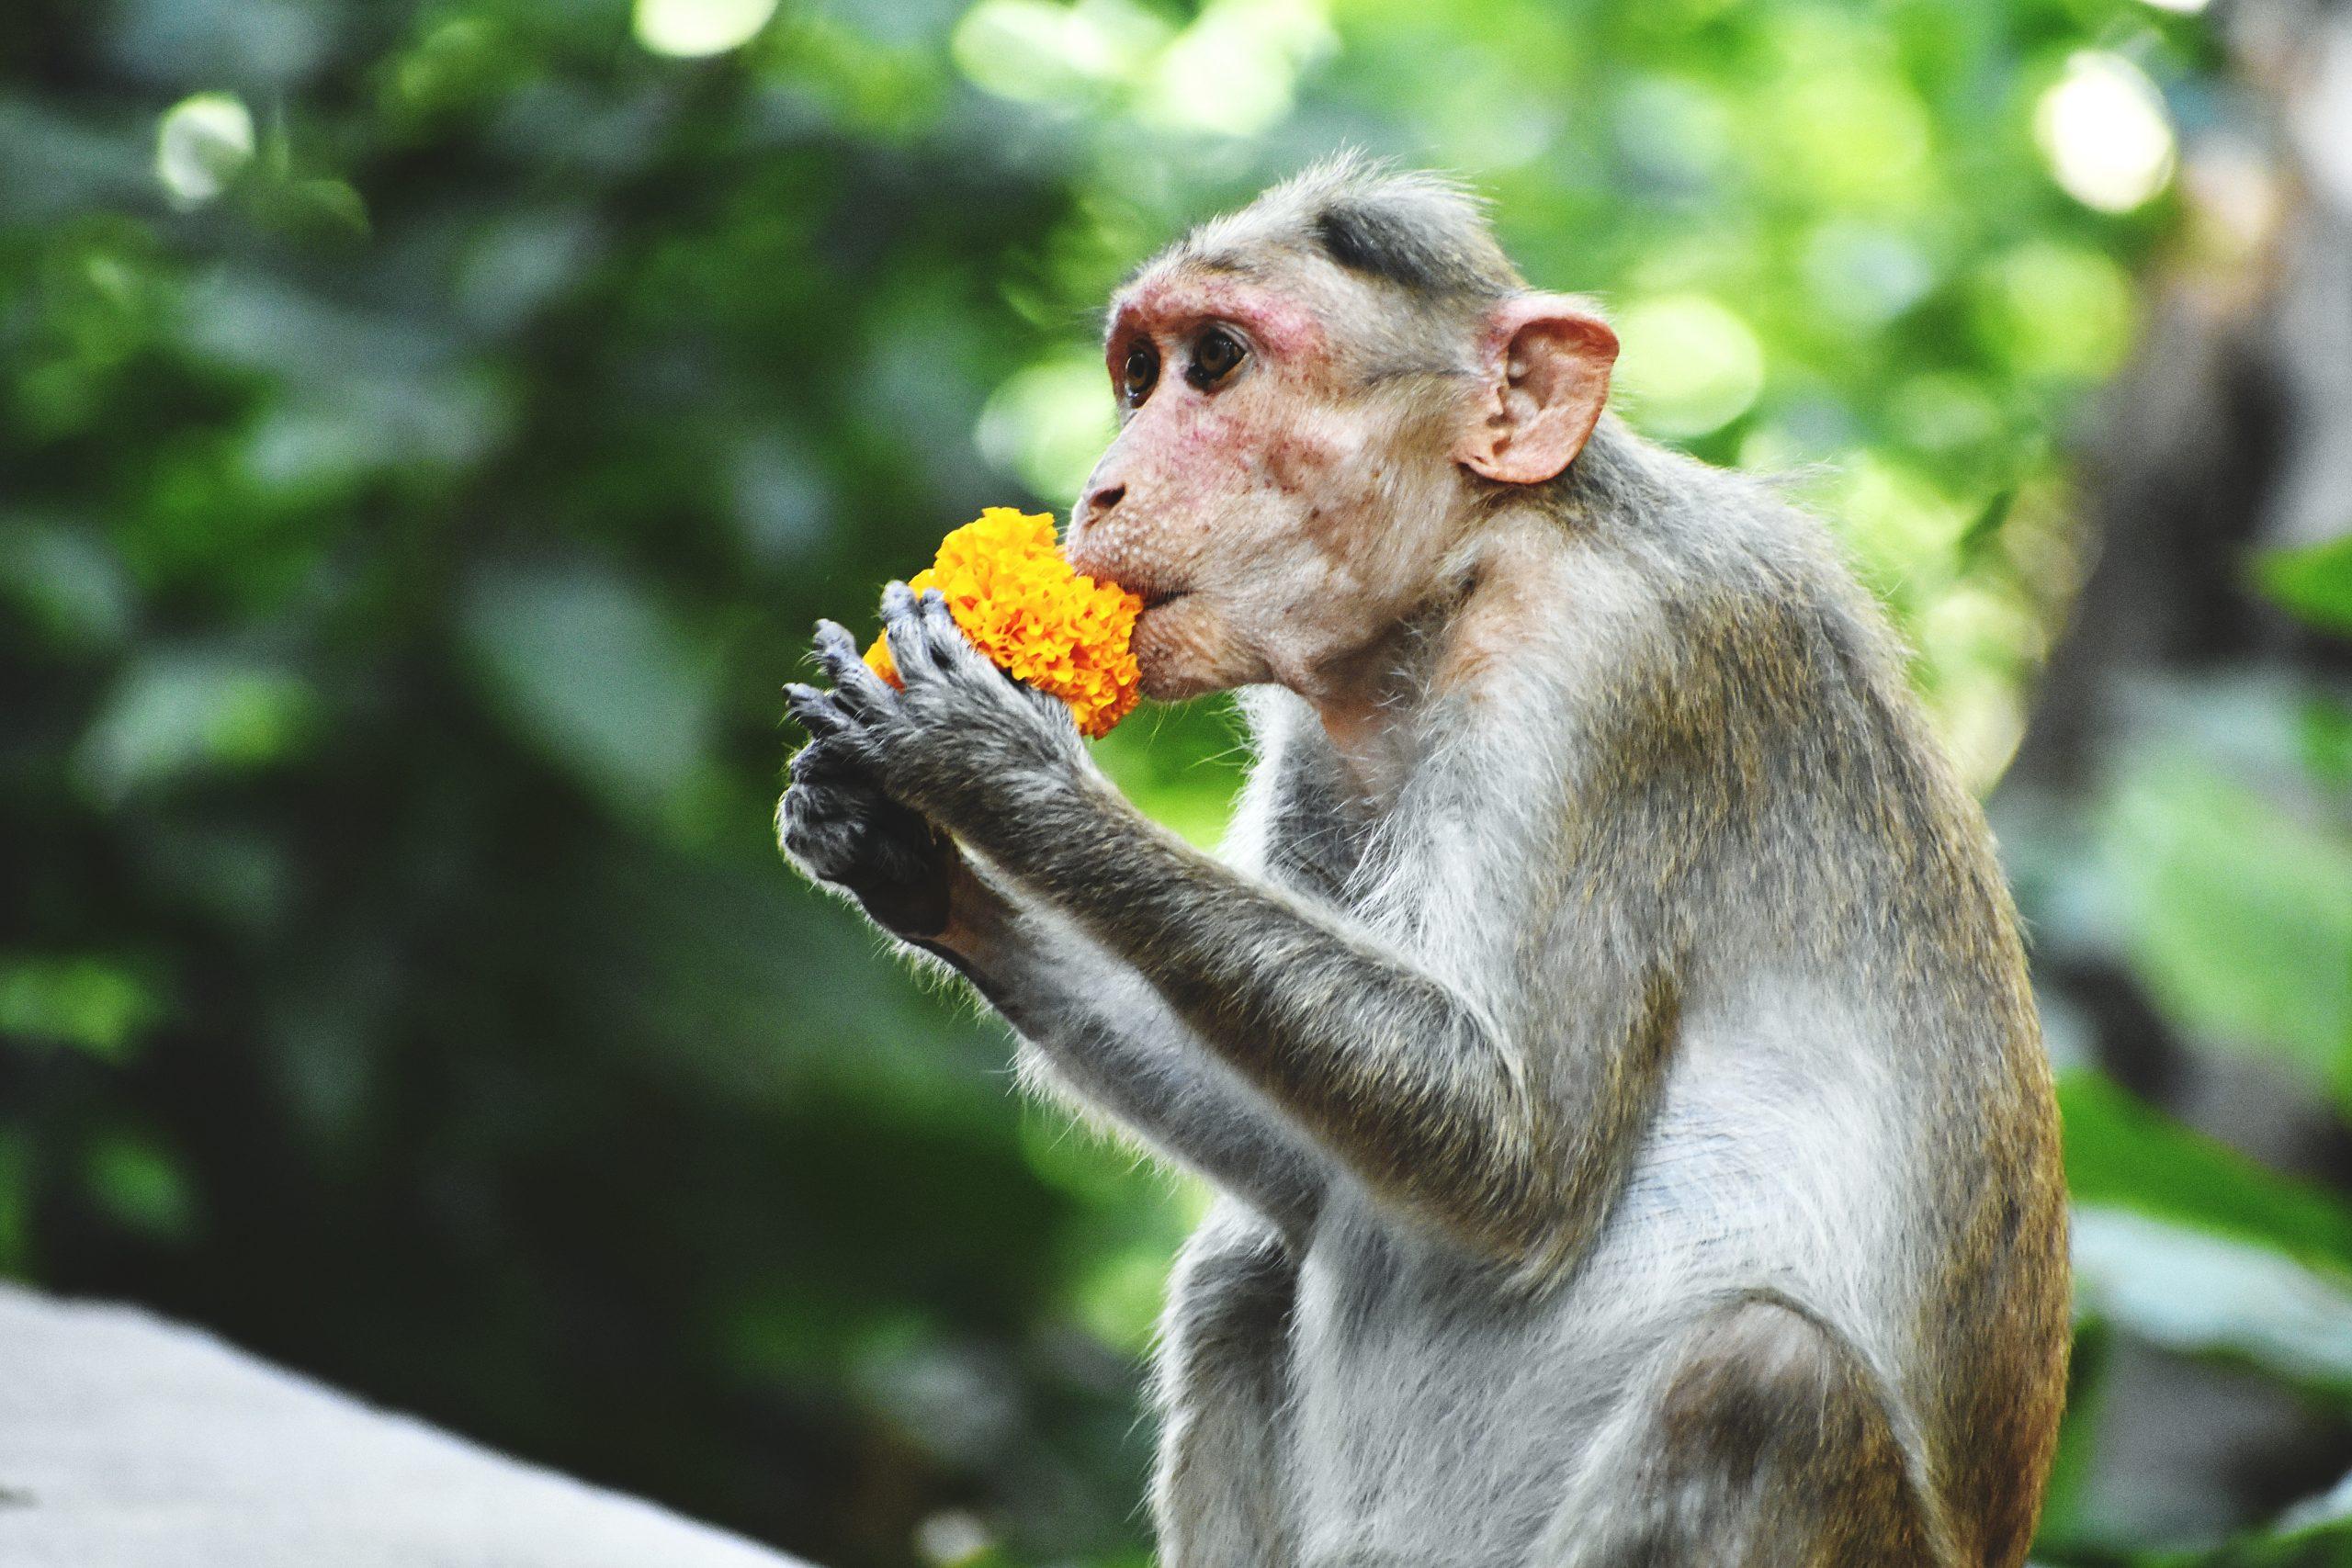 A monkey eating something